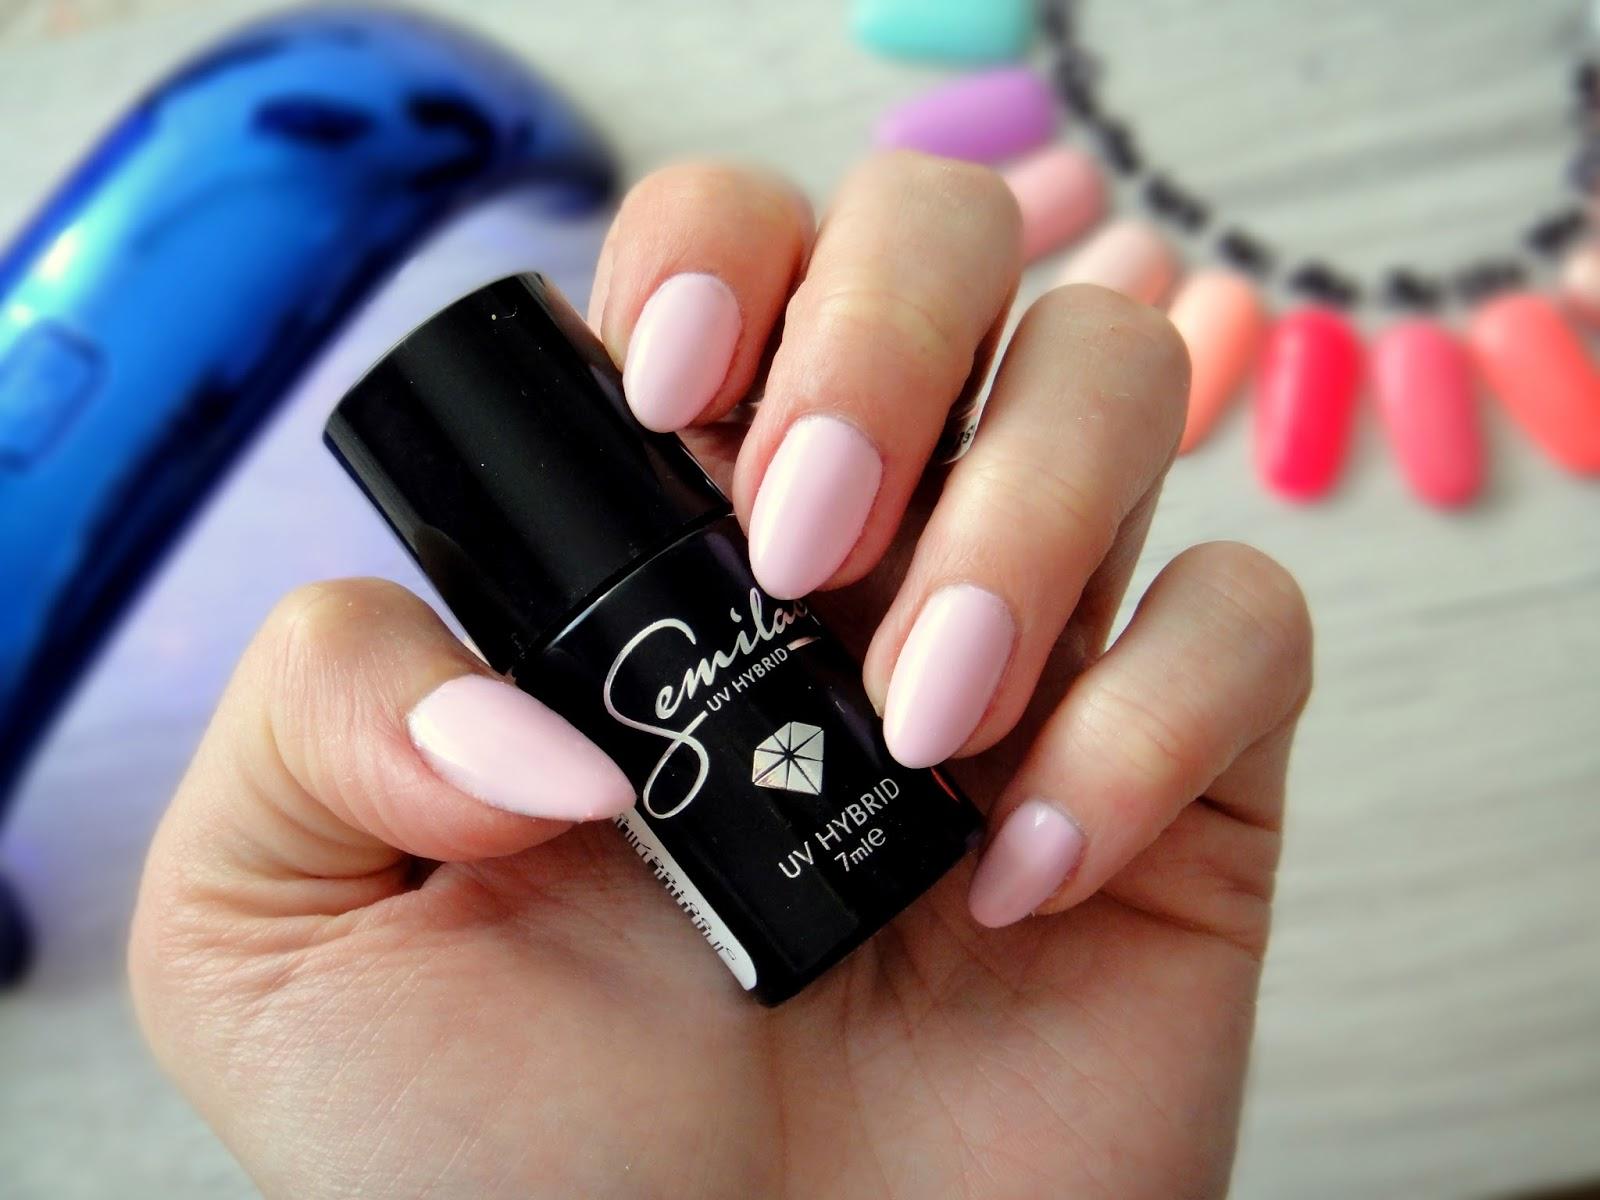 Lakiery Hybrydowe Semilac Pink Smile 056 Anek Beauty Make Up